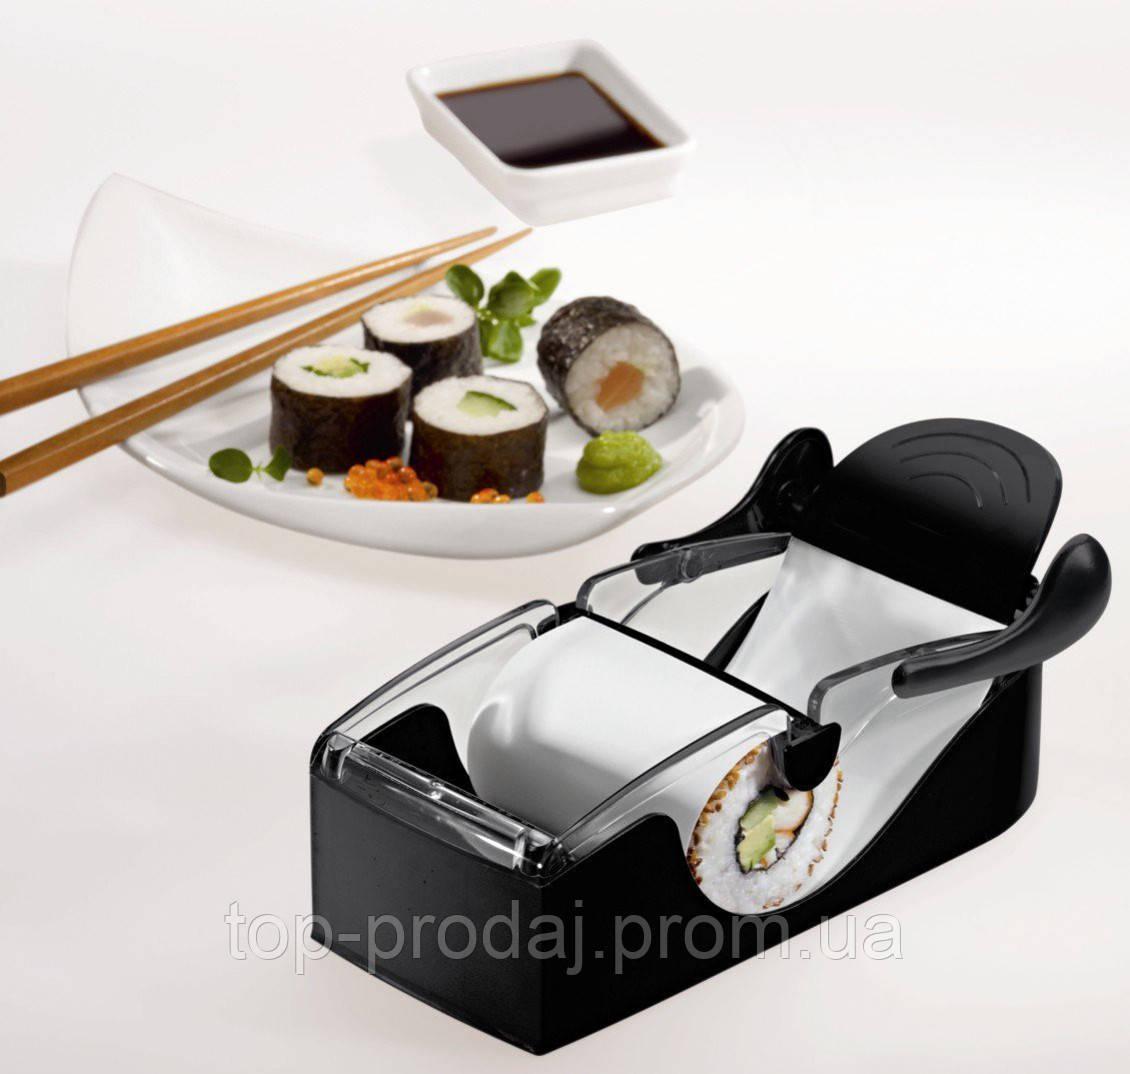 Машинка для приготовления суши  Perfect Roll Sushi, Аппарат для роллов и суши, Перфект Ролл